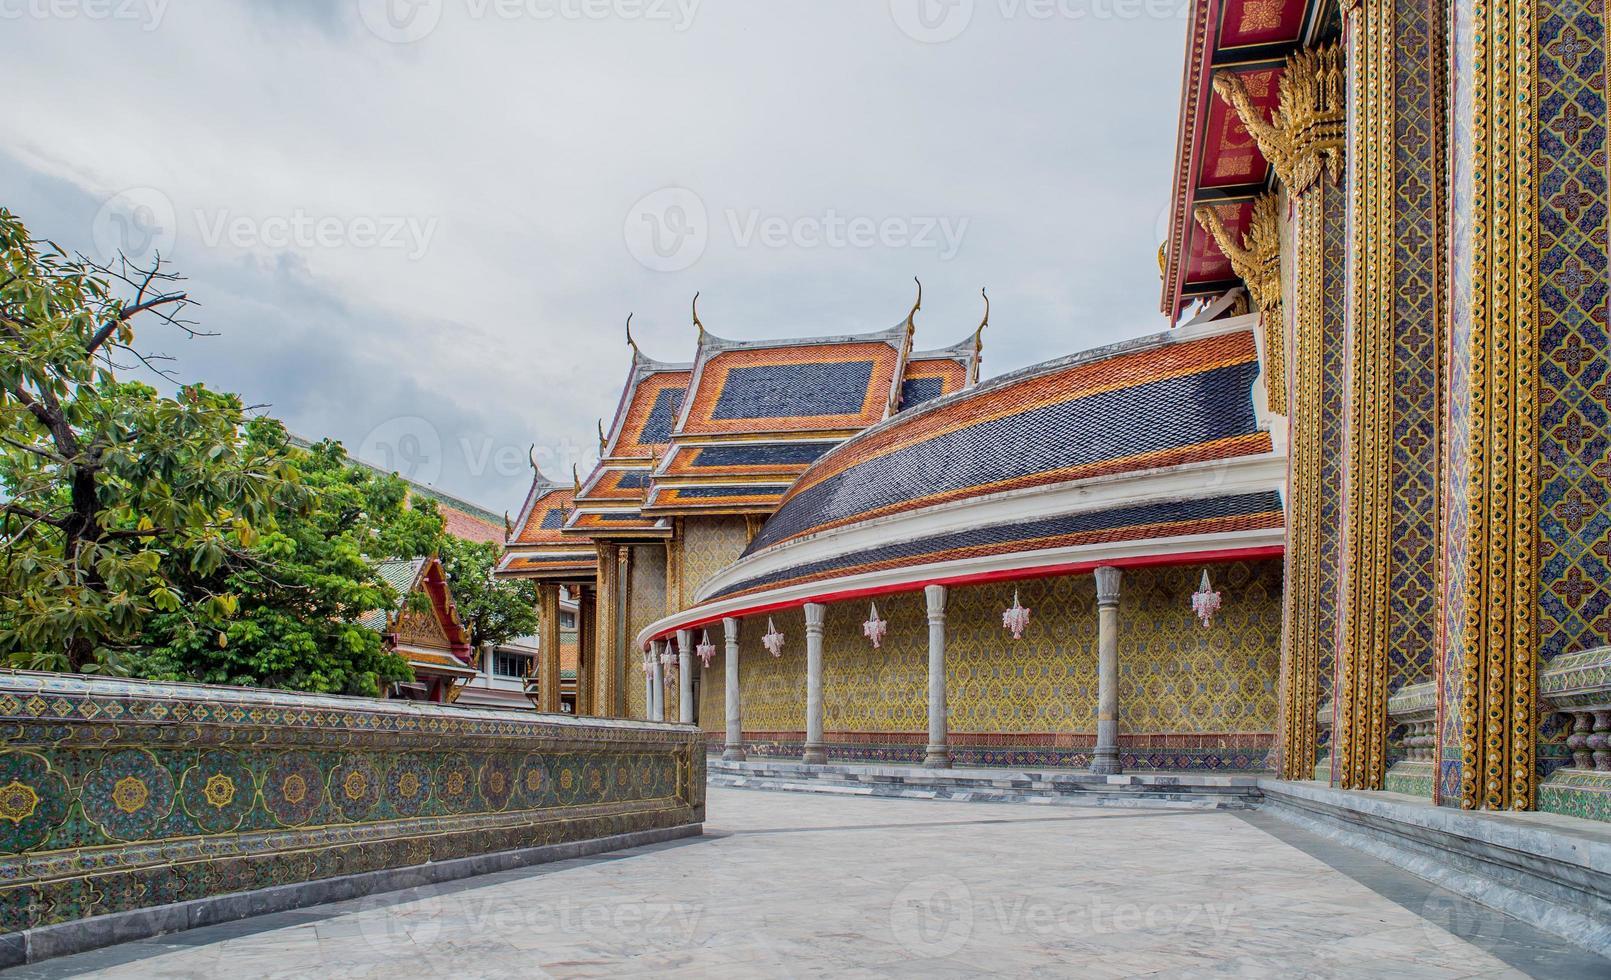 Wat Phra Kaew in Bangkok - Temple of Emerald Buddha photo